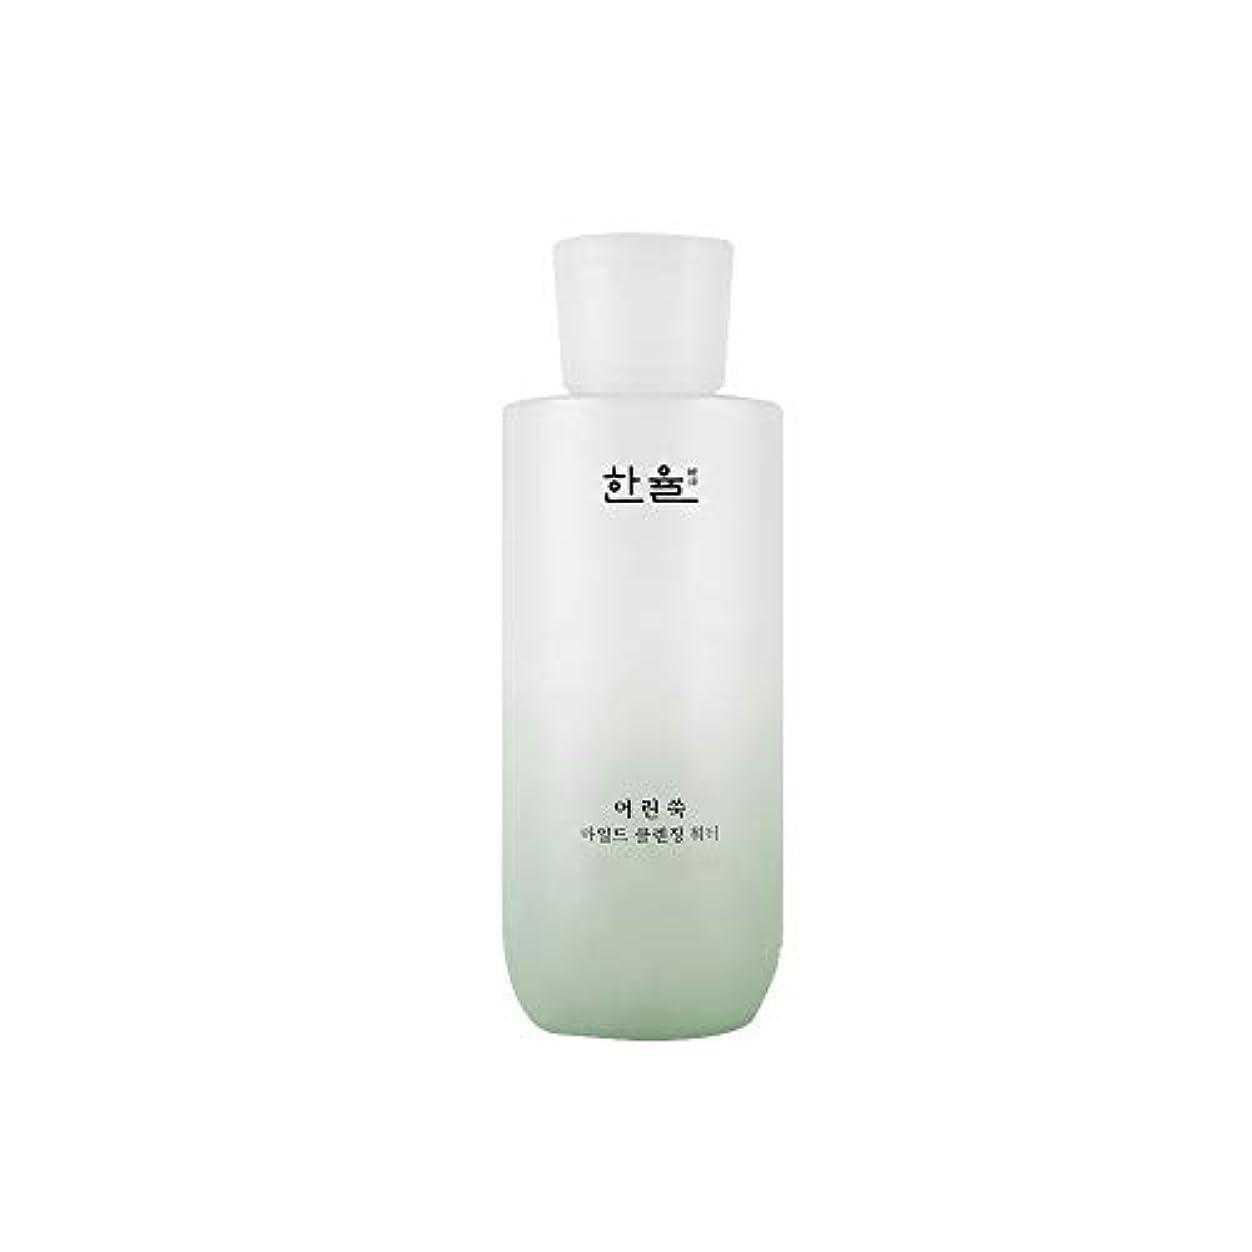 病脱走凍った【HANYUL公式】 ハンユル ヨモギマイルドクレンジングウォーター 300ml / Hanyul Pure Artemisia Mild Cleansing Water 300ml